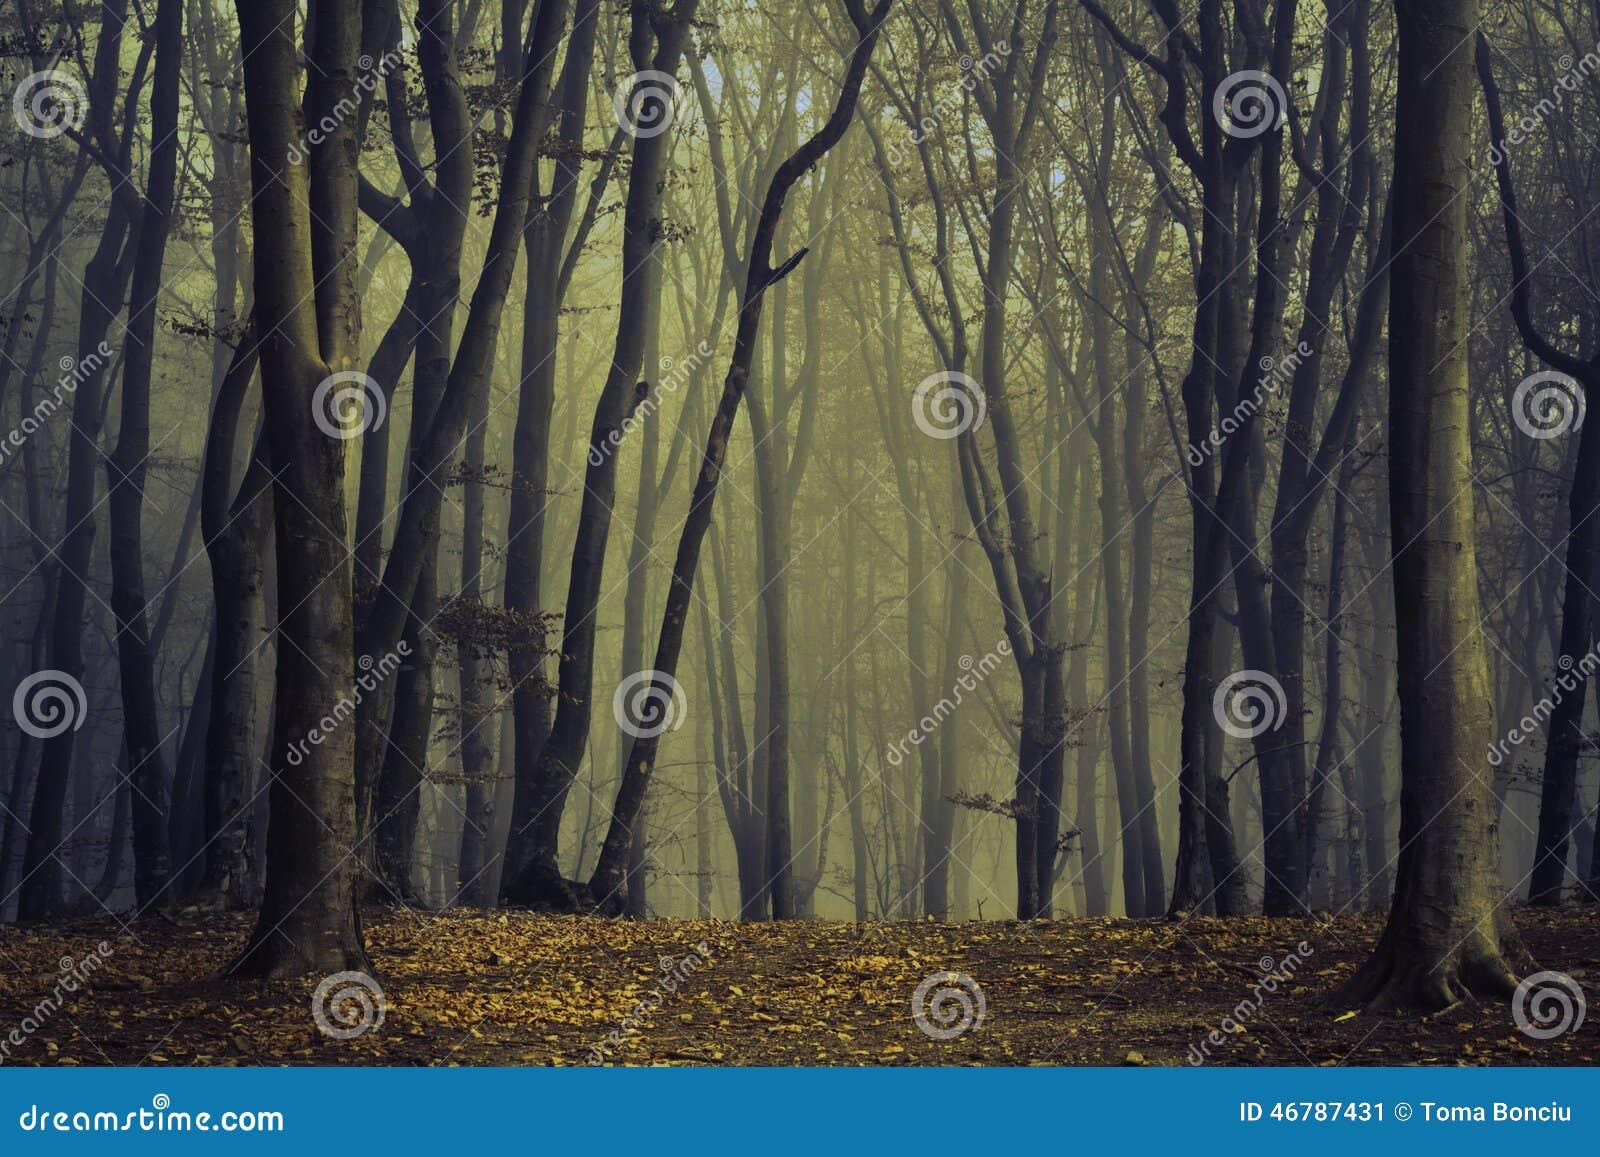 Griezelige bomen in de mist van het bos